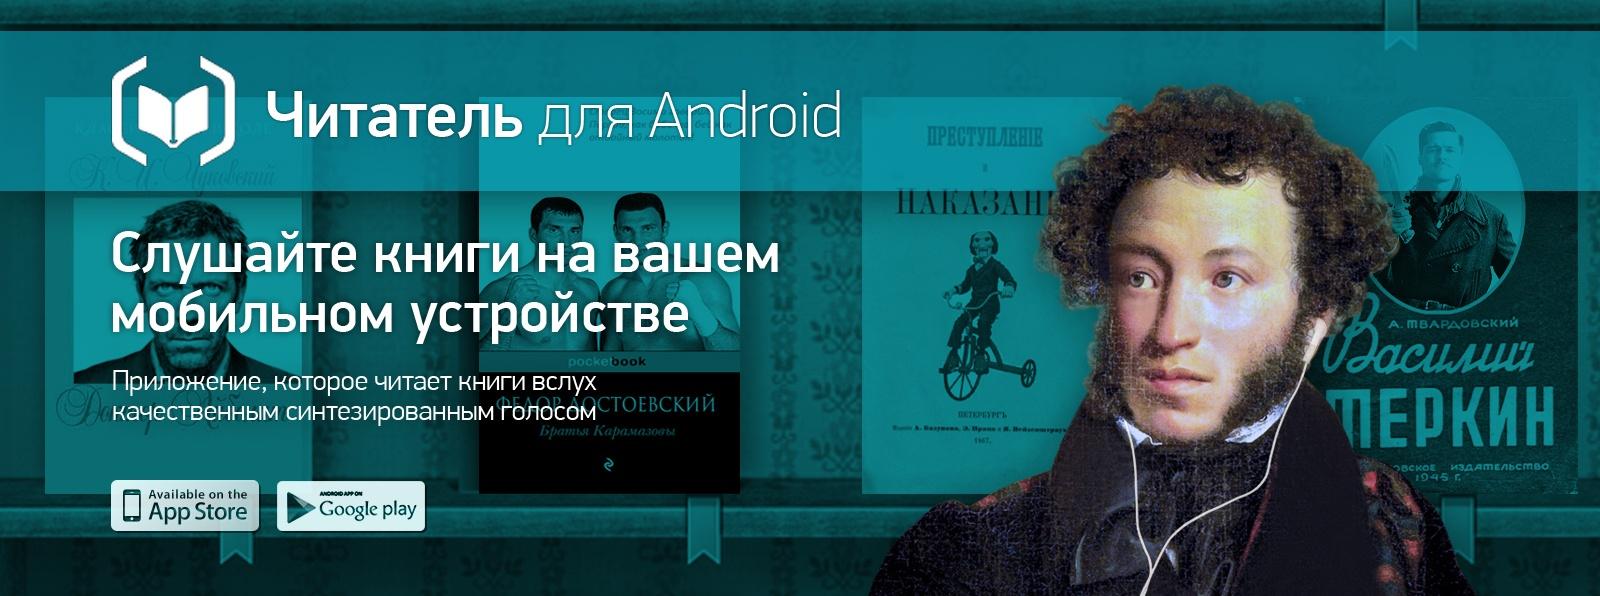 Мобильное приложение «Читатель» теперь для Android - 1